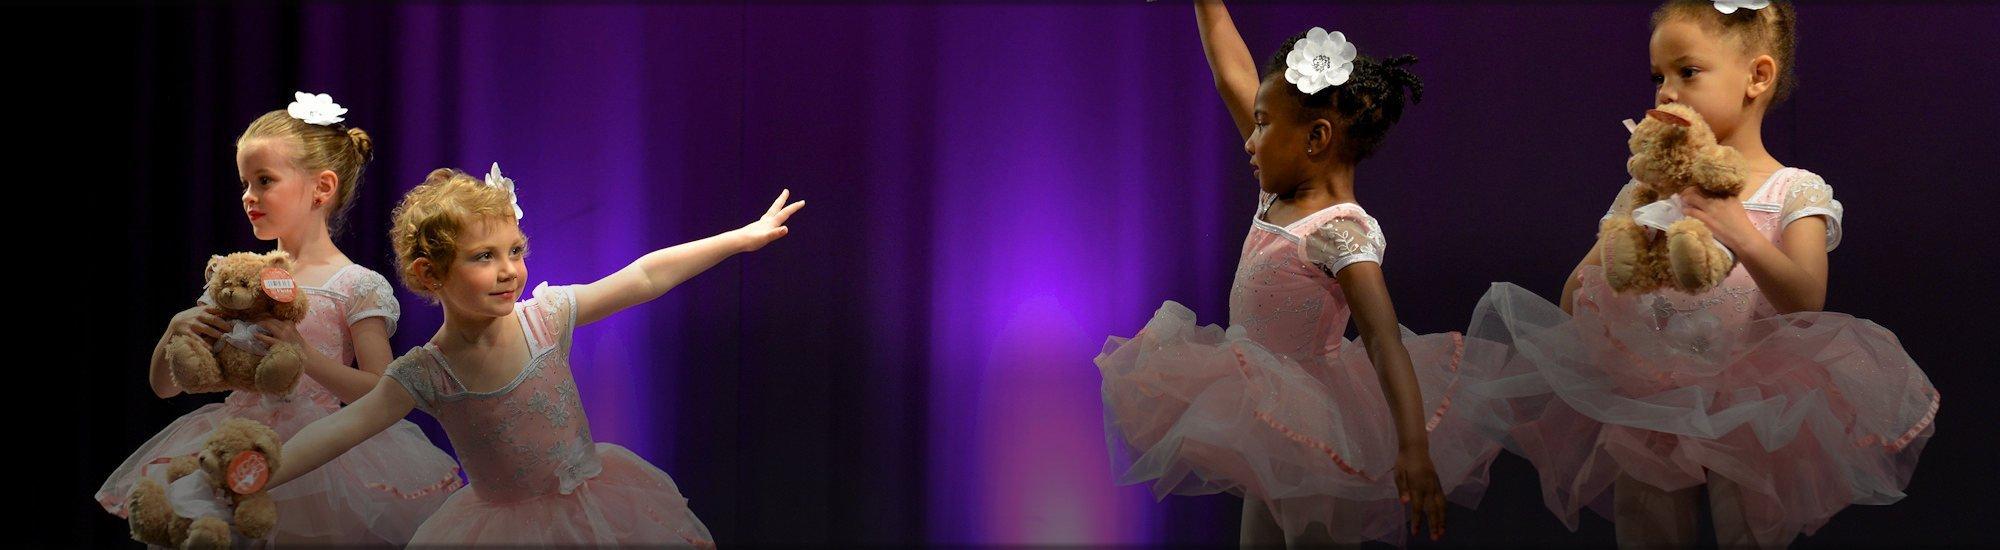 dance classes Connecticut